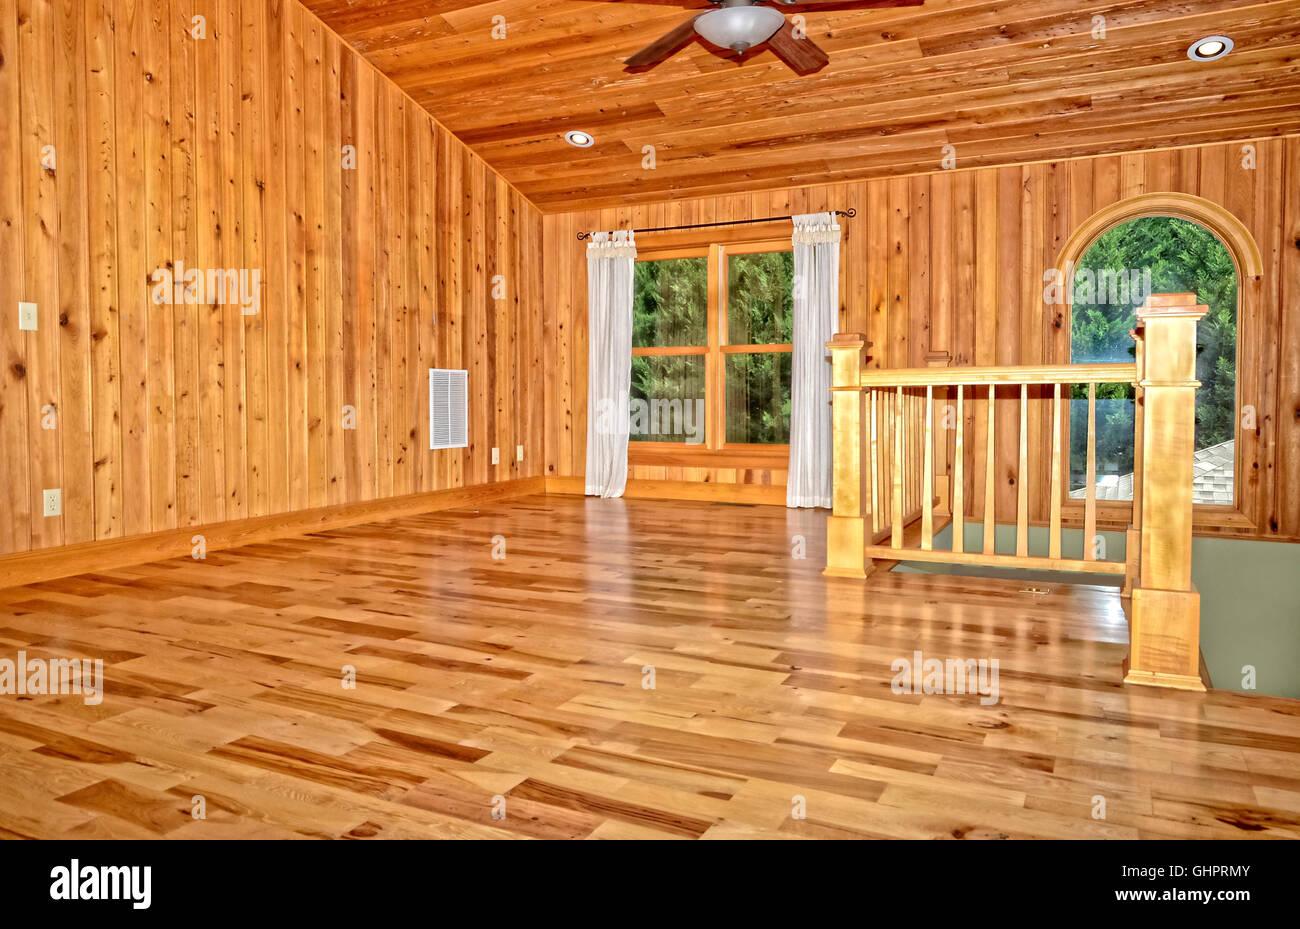 Free una stanza vuota in una nuova casa moderna pavimenti for Pavimenti per casa moderna